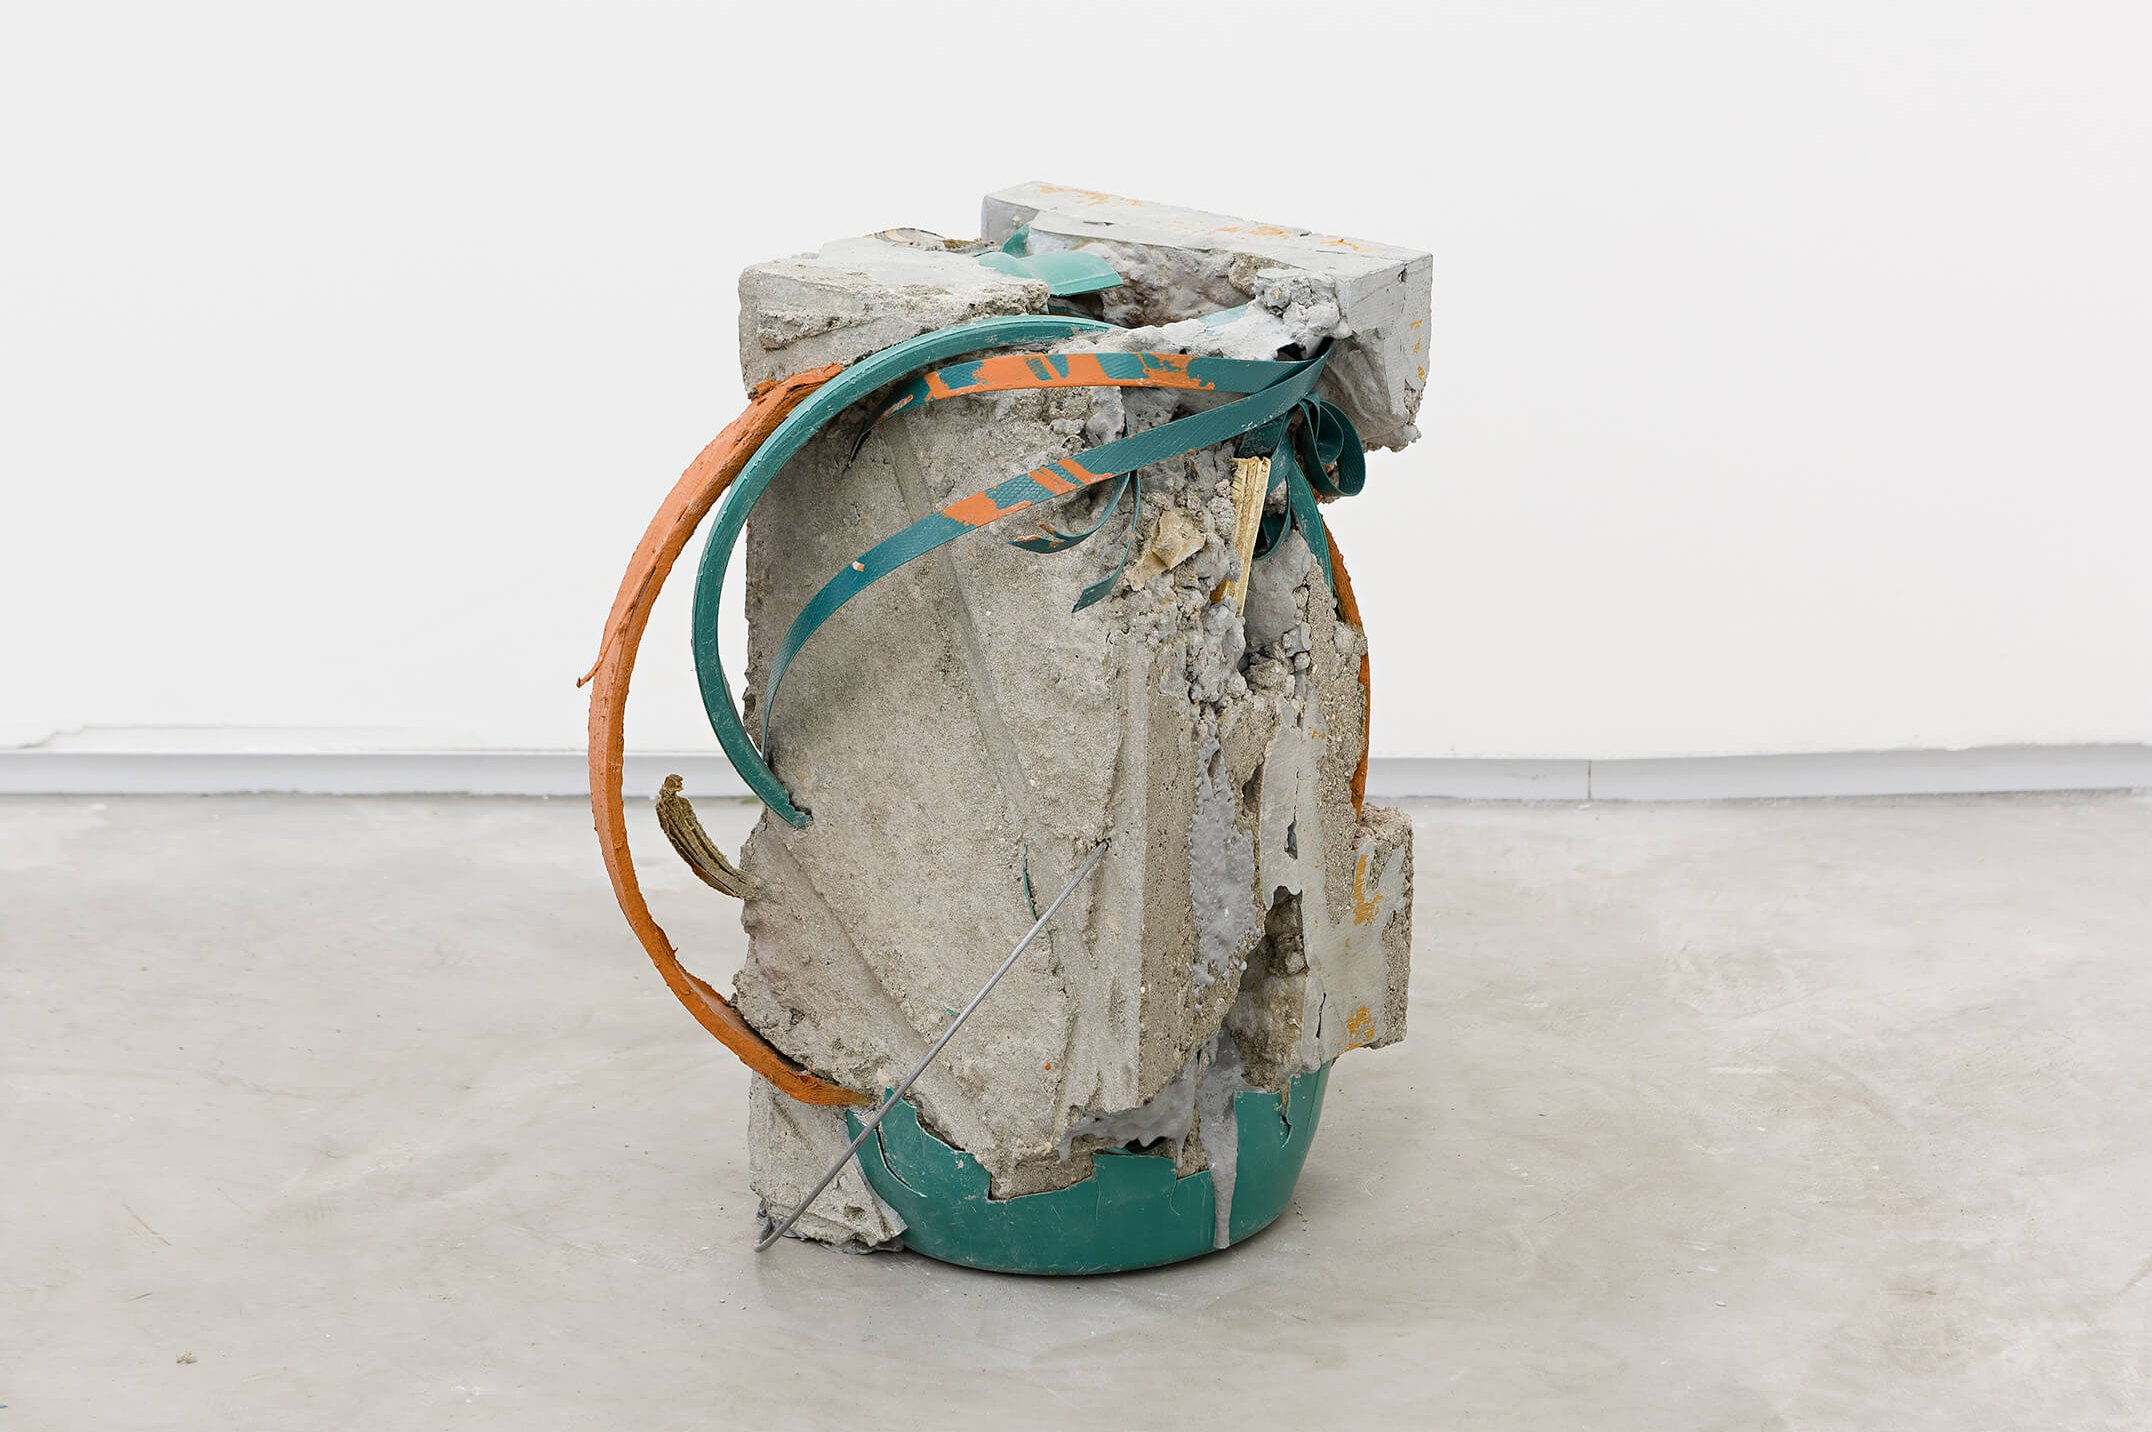 Allyson Vieira, <em>Block 2</em>, 2015, concrete, <em>Worker</em> scraps, concrete blocks, epoxy, 39 × 26 × 23 cm - Mendes Wood DM